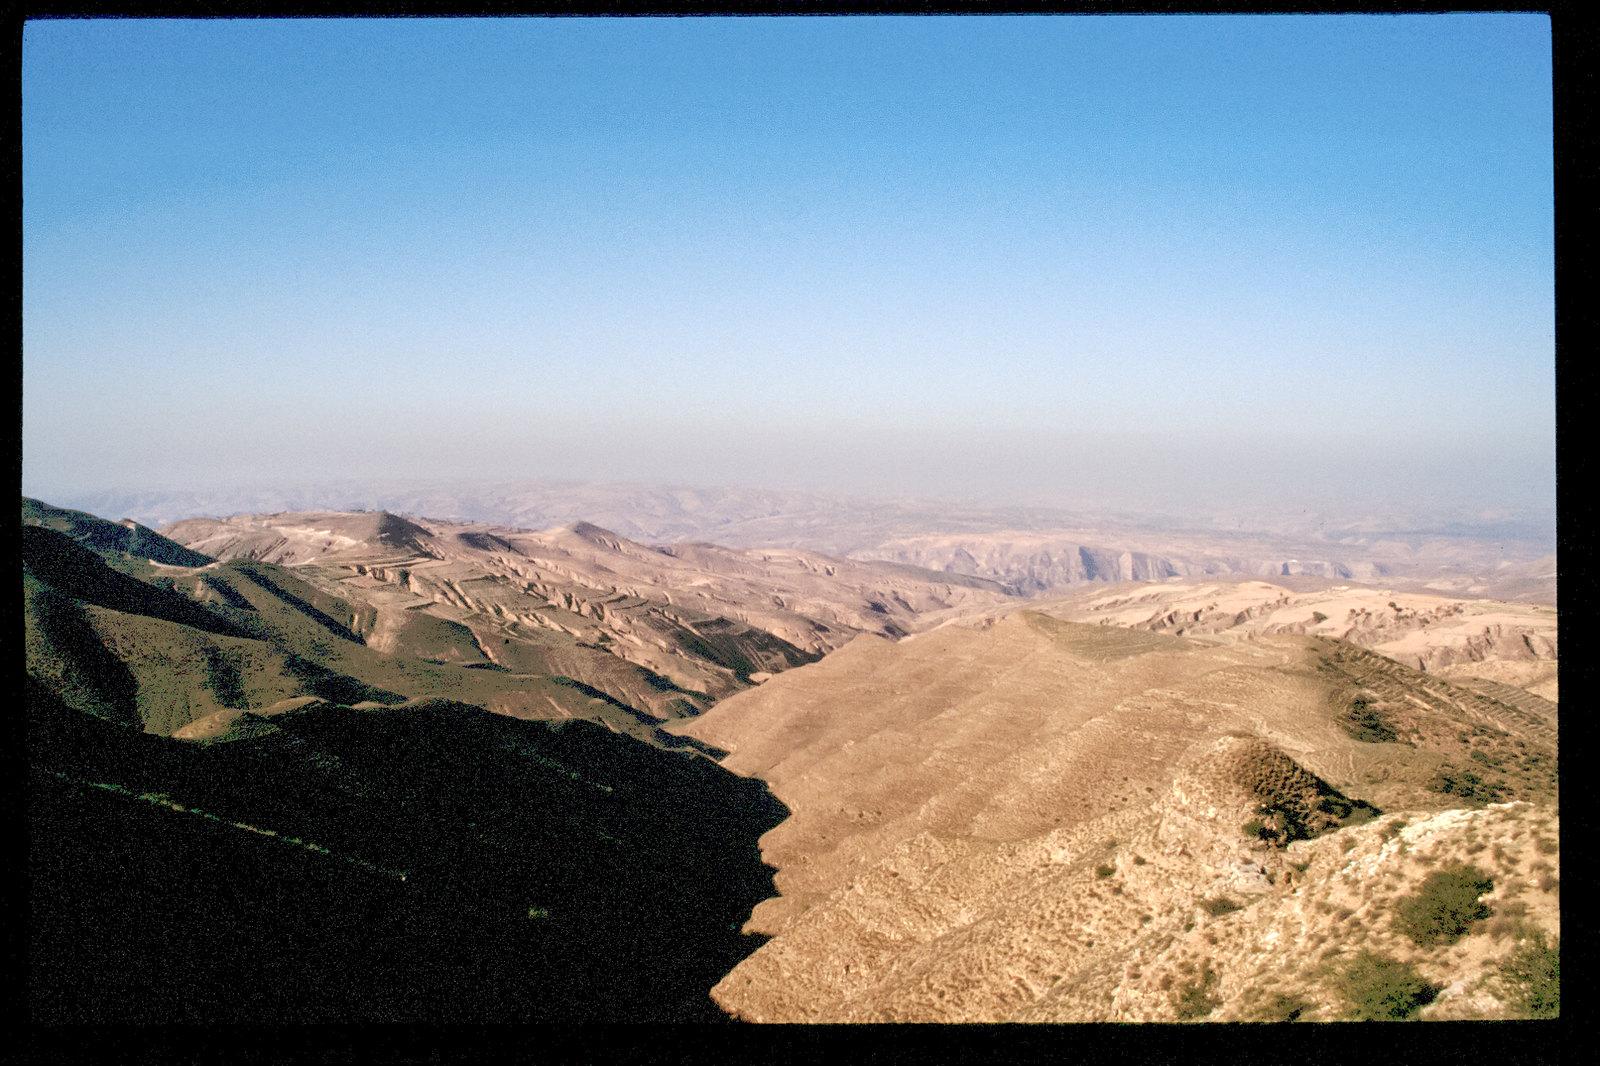 La Chine à vélo - de Pékin à Urumqi - Paysage désert de la Mongolie intérieure